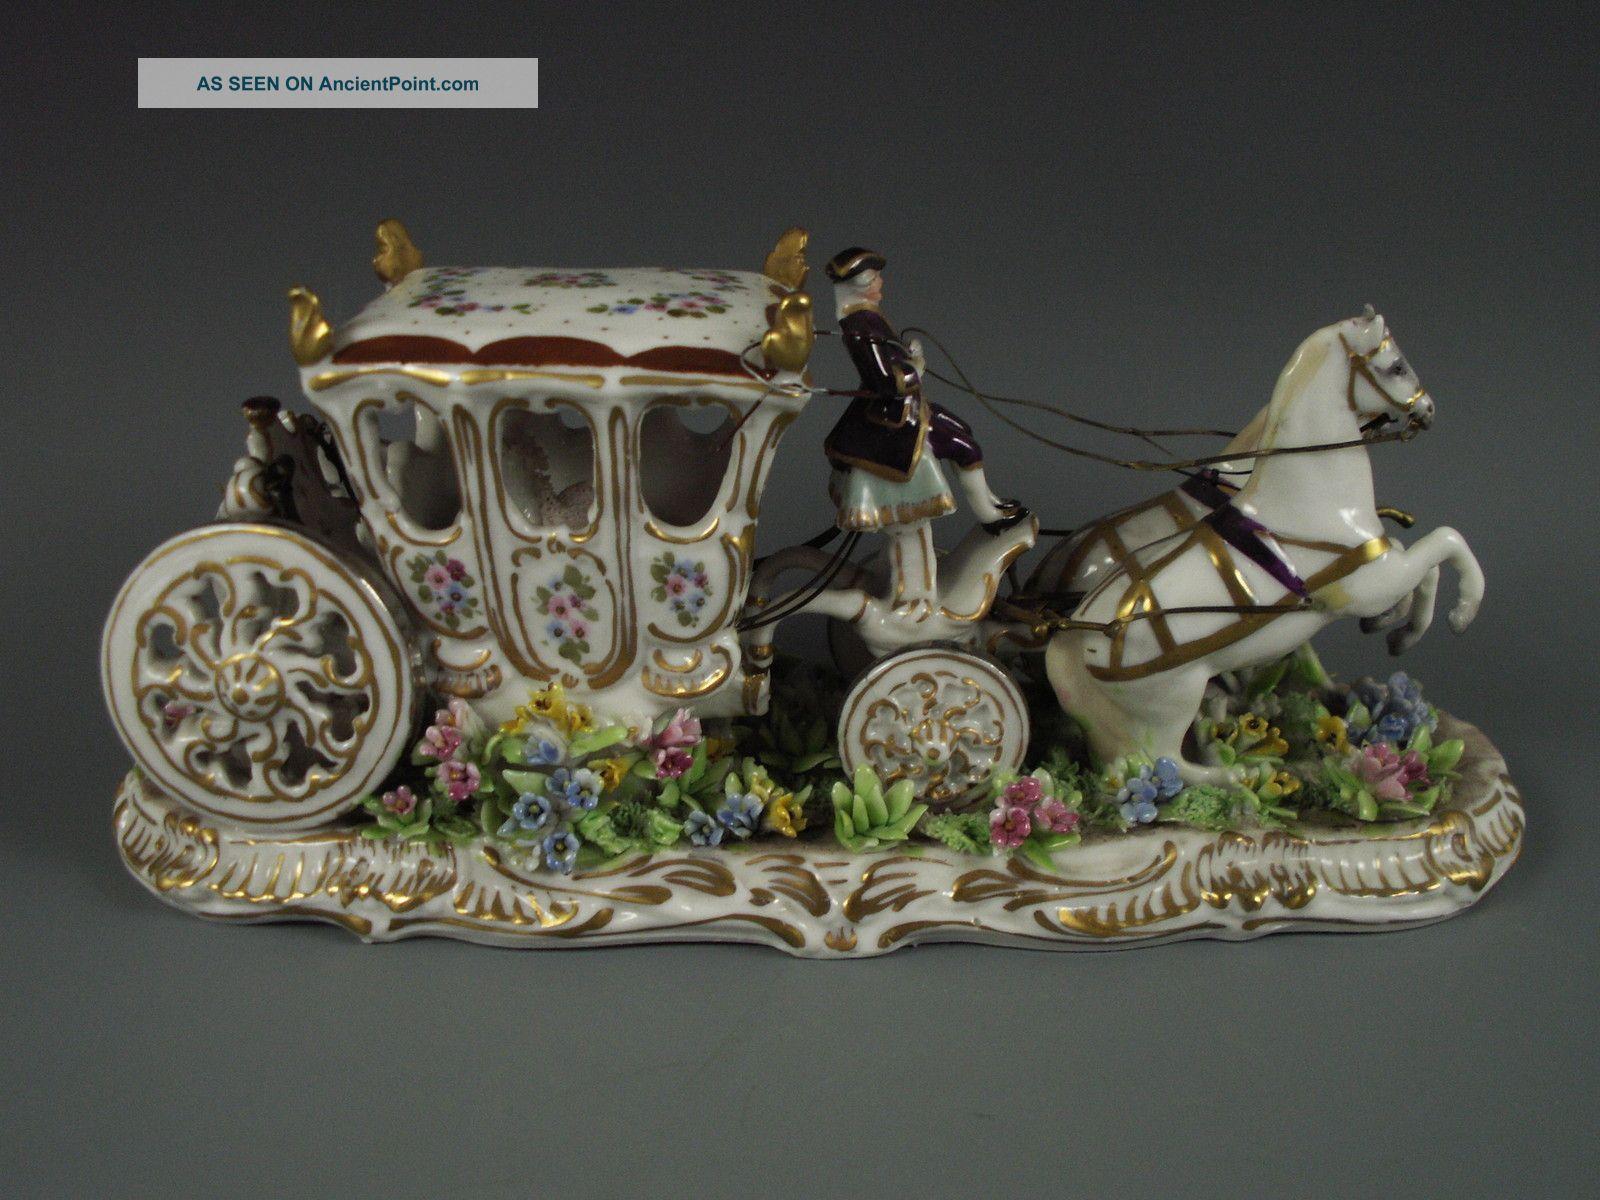 Resultado de imagen para ancient italian handcrafted porcelain